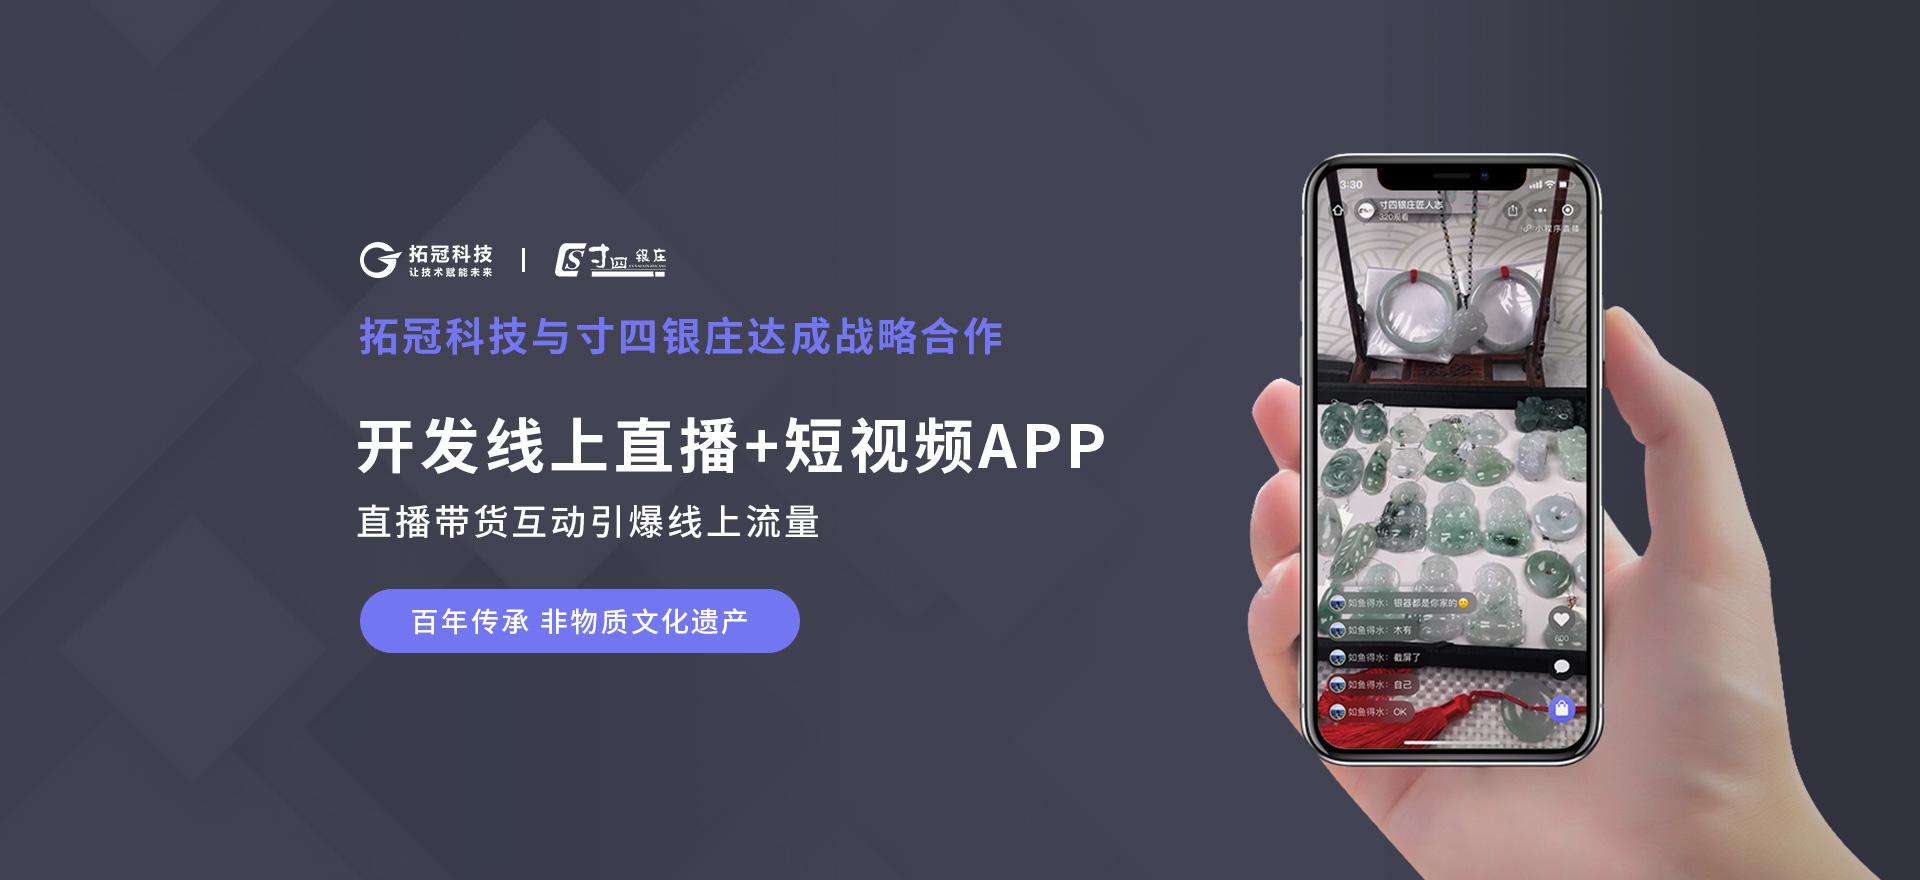 寸四银庄app开发